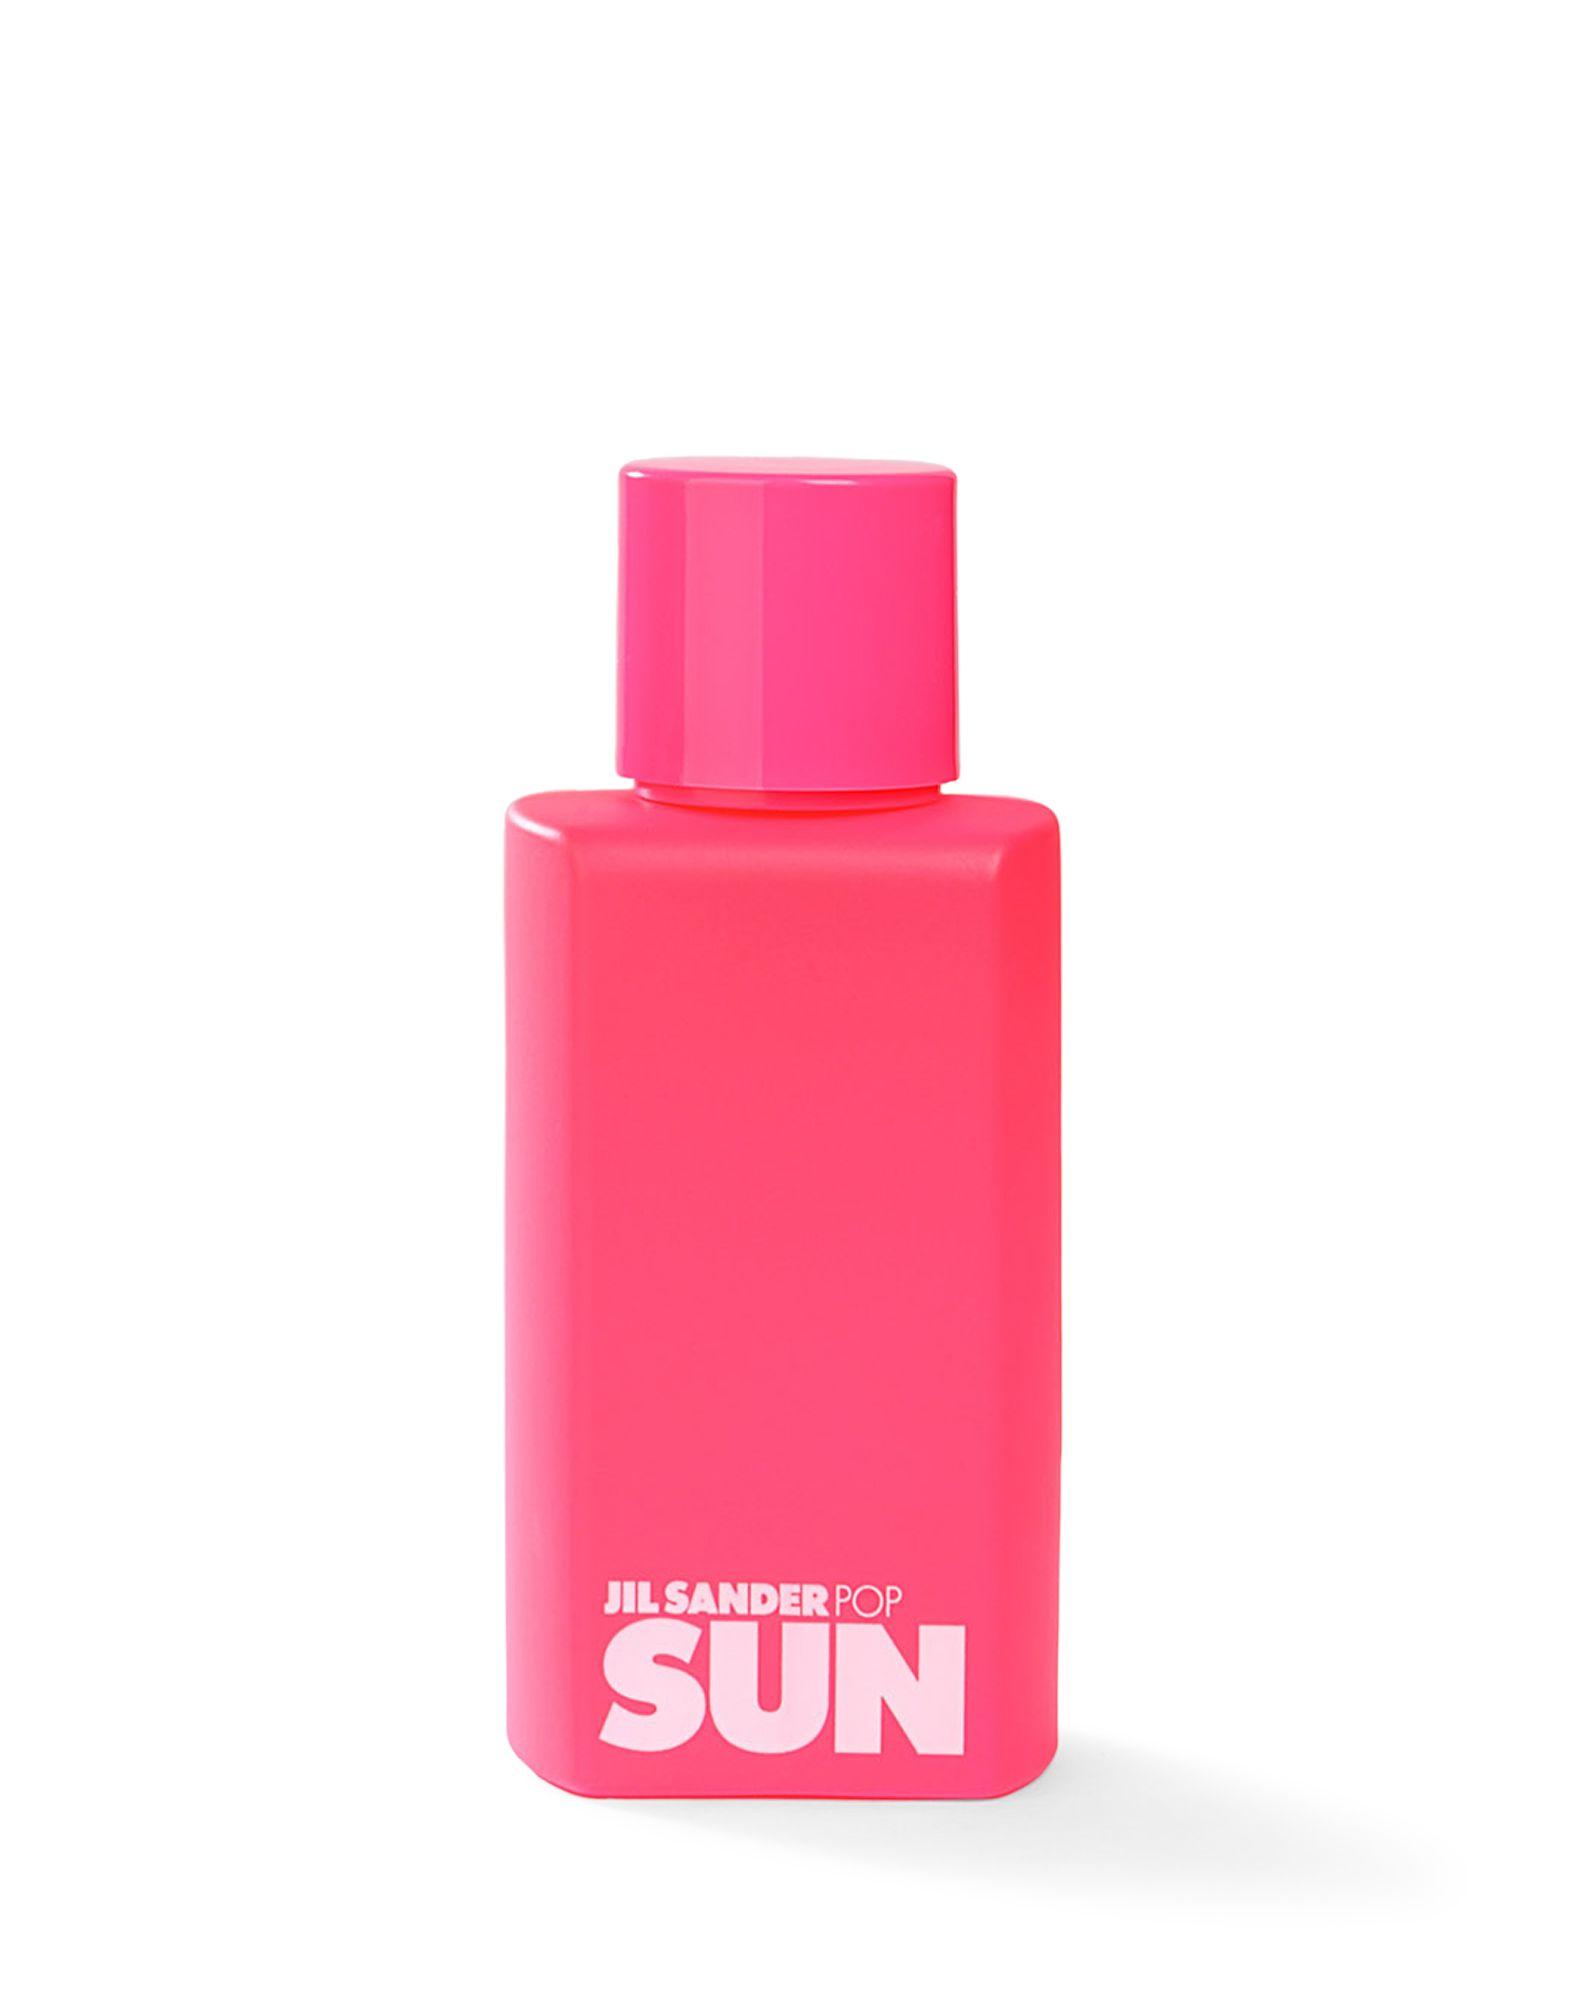 SUN POP - (-)